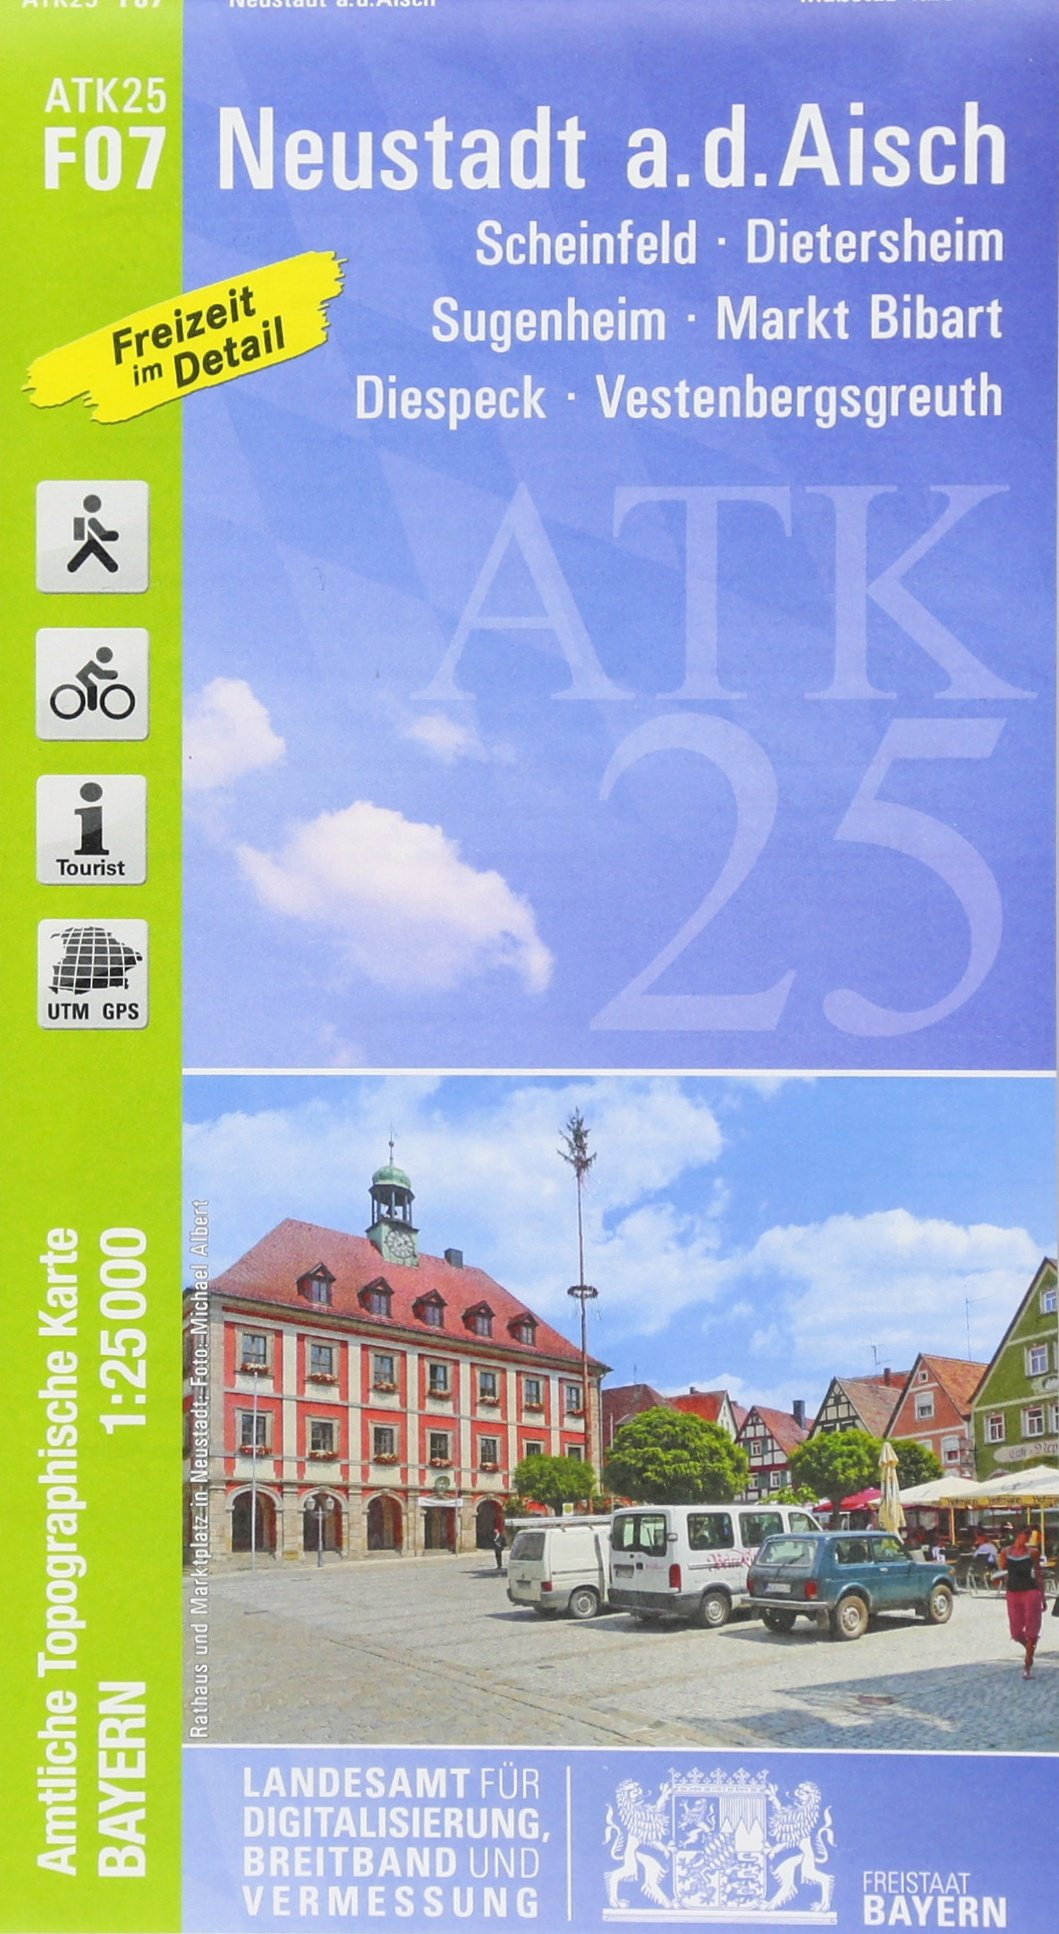 ATK25-F07 Neustadt a.d.Aisch (Amtliche Topographische Karte 1:25000): Scheinfeld, Dietersheim, Sugenheim, Markt Bibart, Diespeck, Vestenbergsgreuth (ATK25 Amtliche Topographische Karte 1:25000 Bayern)